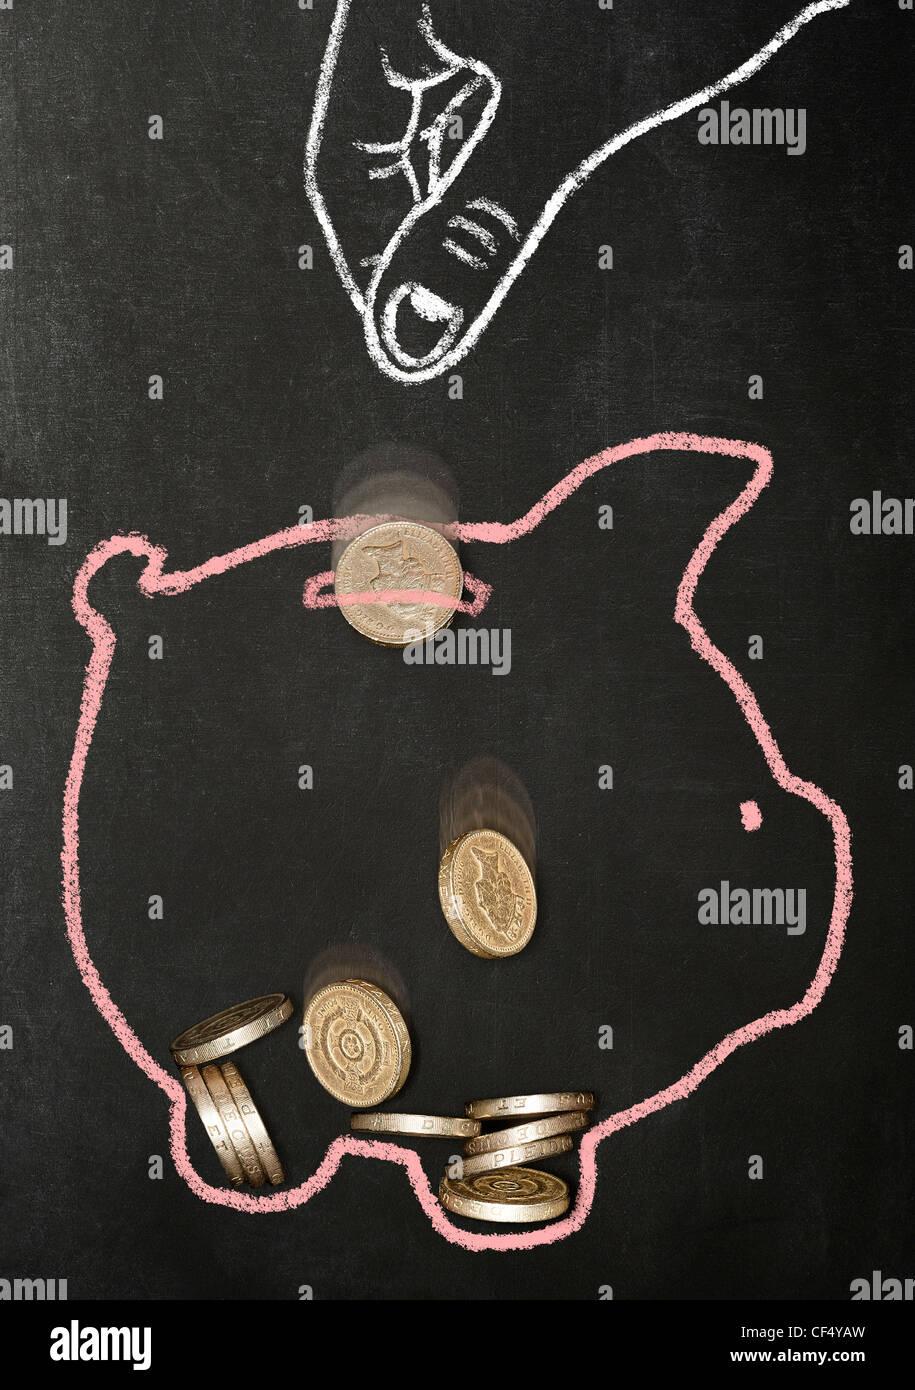 Chalk dibujado a mano real caiga pound monedas en una alcancía de Chalk dibujado Imagen De Stock